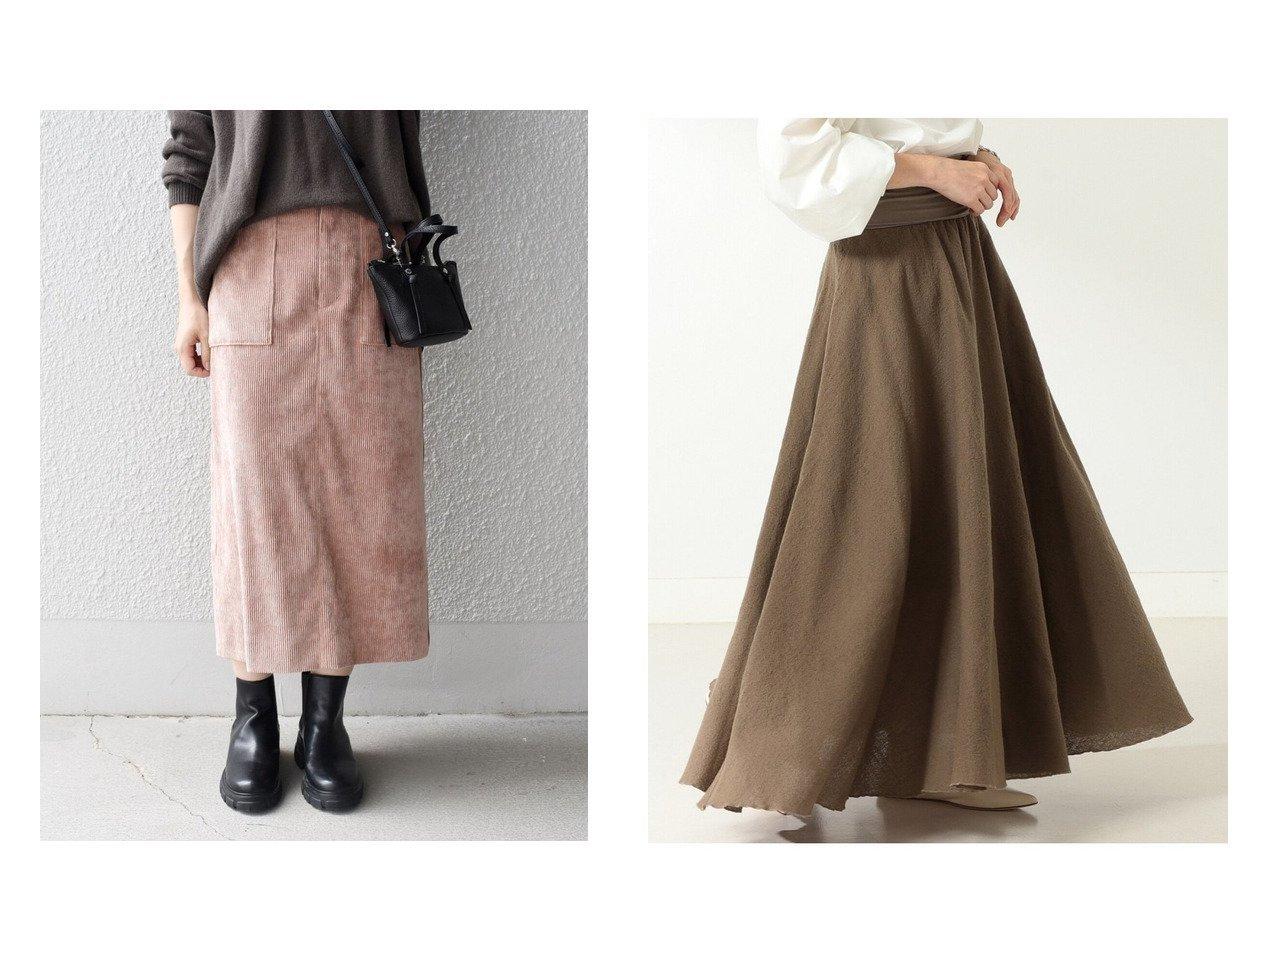 【Demi-Luxe BEAMS/デミルクス ビームス】のAK+ 2WAY ウールマキシスカート 21AW&【SHIPS/シップス フォー ウィメン】の手洗い可能 コーデュロイタイトスカート 【スカート】おすすめ!人気、トレンド・レディースファッションの通販 おすすめで人気の流行・トレンド、ファッションの通販商品 インテリア・家具・メンズファッション・キッズファッション・レディースファッション・服の通販 founy(ファニー) https://founy.com/ ファッション Fashion レディースファッション WOMEN スカート Skirt ロングスカート Long Skirt コーデュロイ シューズ シンプル ストレッチ タイトスカート バランス フラット NEW・新作・新着・新入荷 New Arrivals パターン ベーシック メンズ ロング ワッシャー A/W・秋冬 AW・Autumn/Winter・FW・Fall-Winter 2021年 2021 2021-2022秋冬・A/W AW・Autumn/Winter・FW・Fall-Winter・2021-2022 |ID:crp329100000070686